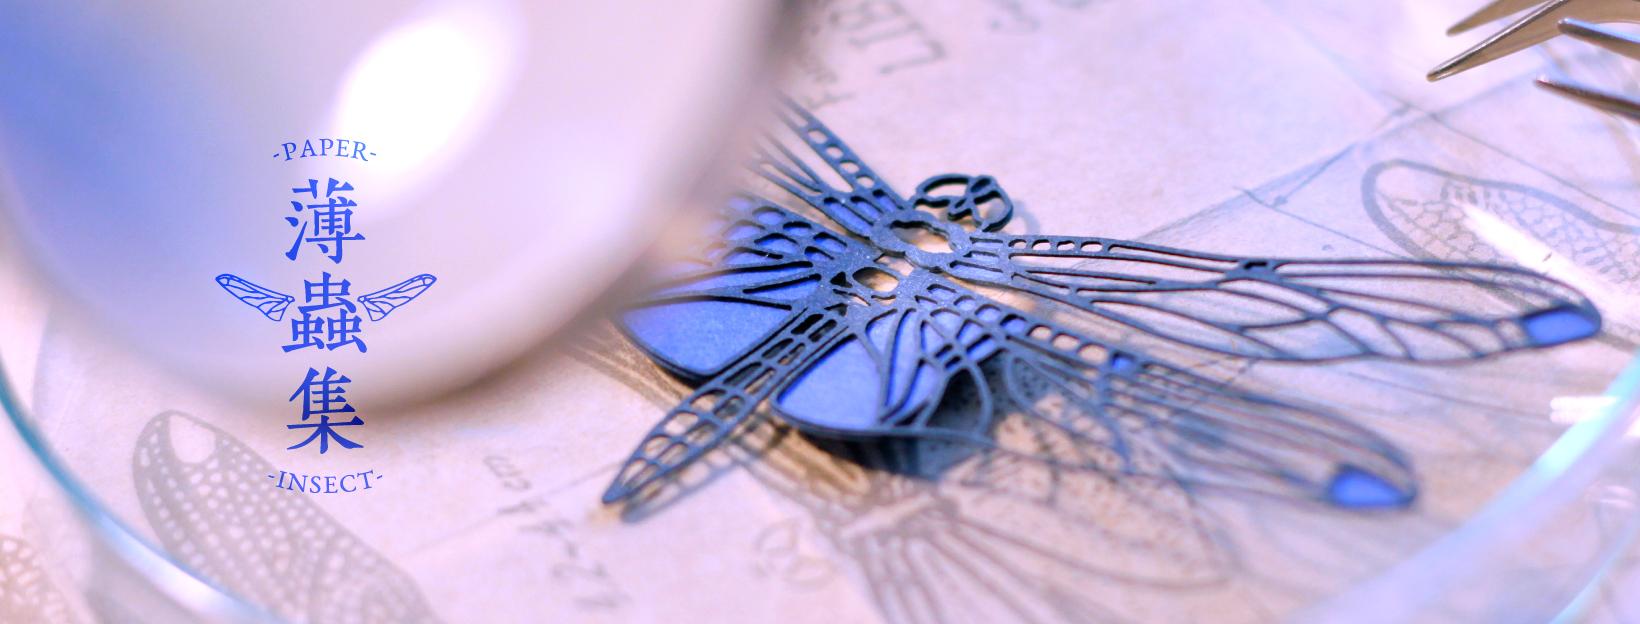 職人手作日誌|平面蛻變為立體,躍然於紙的藝術作品